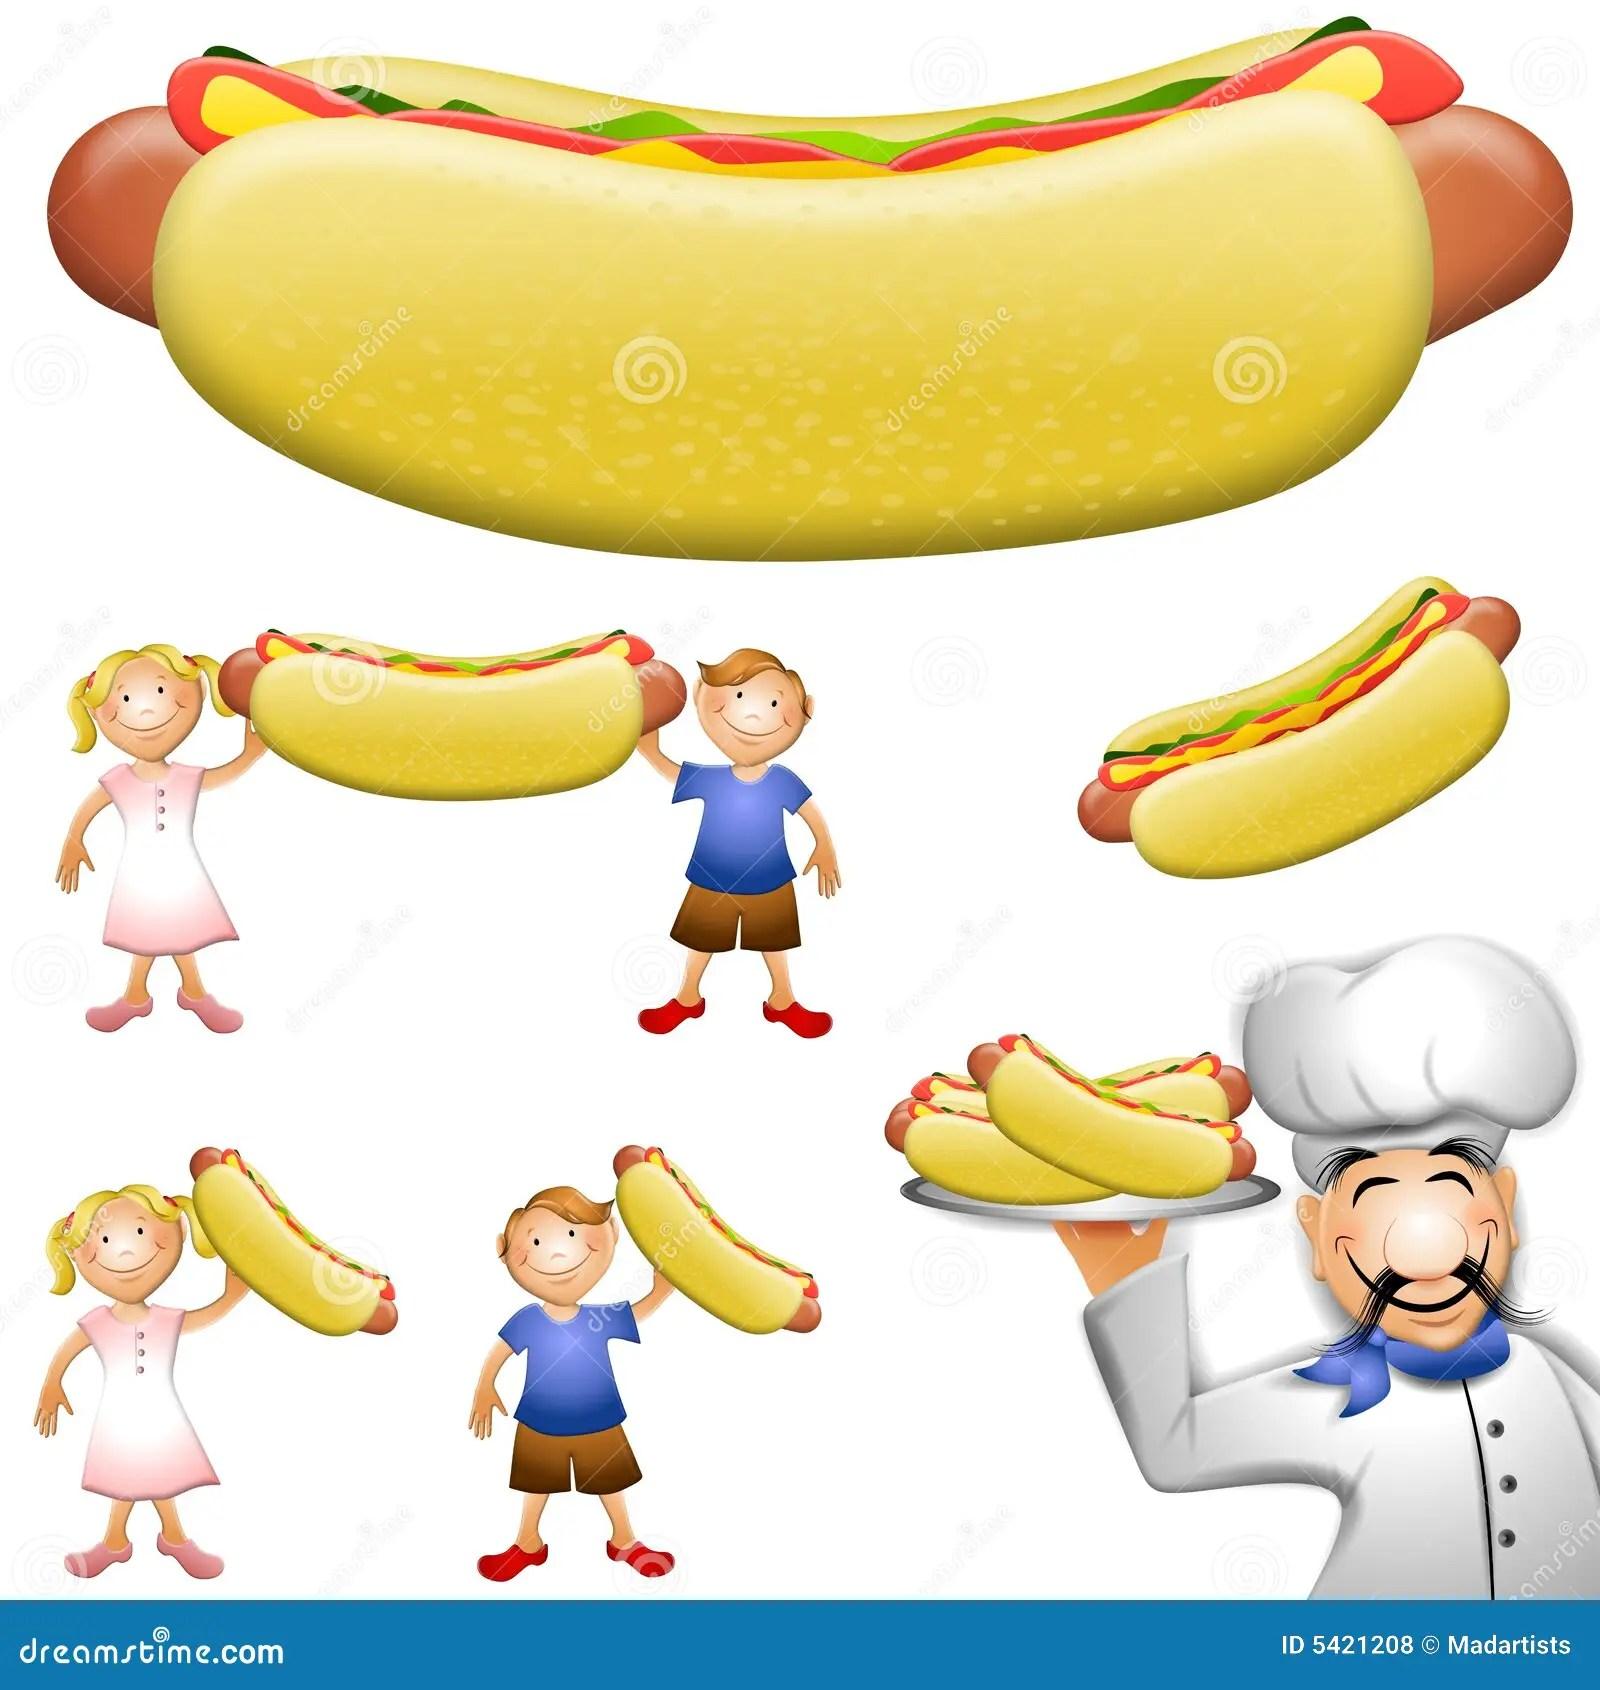 hight resolution of cartoon hotdog clip art